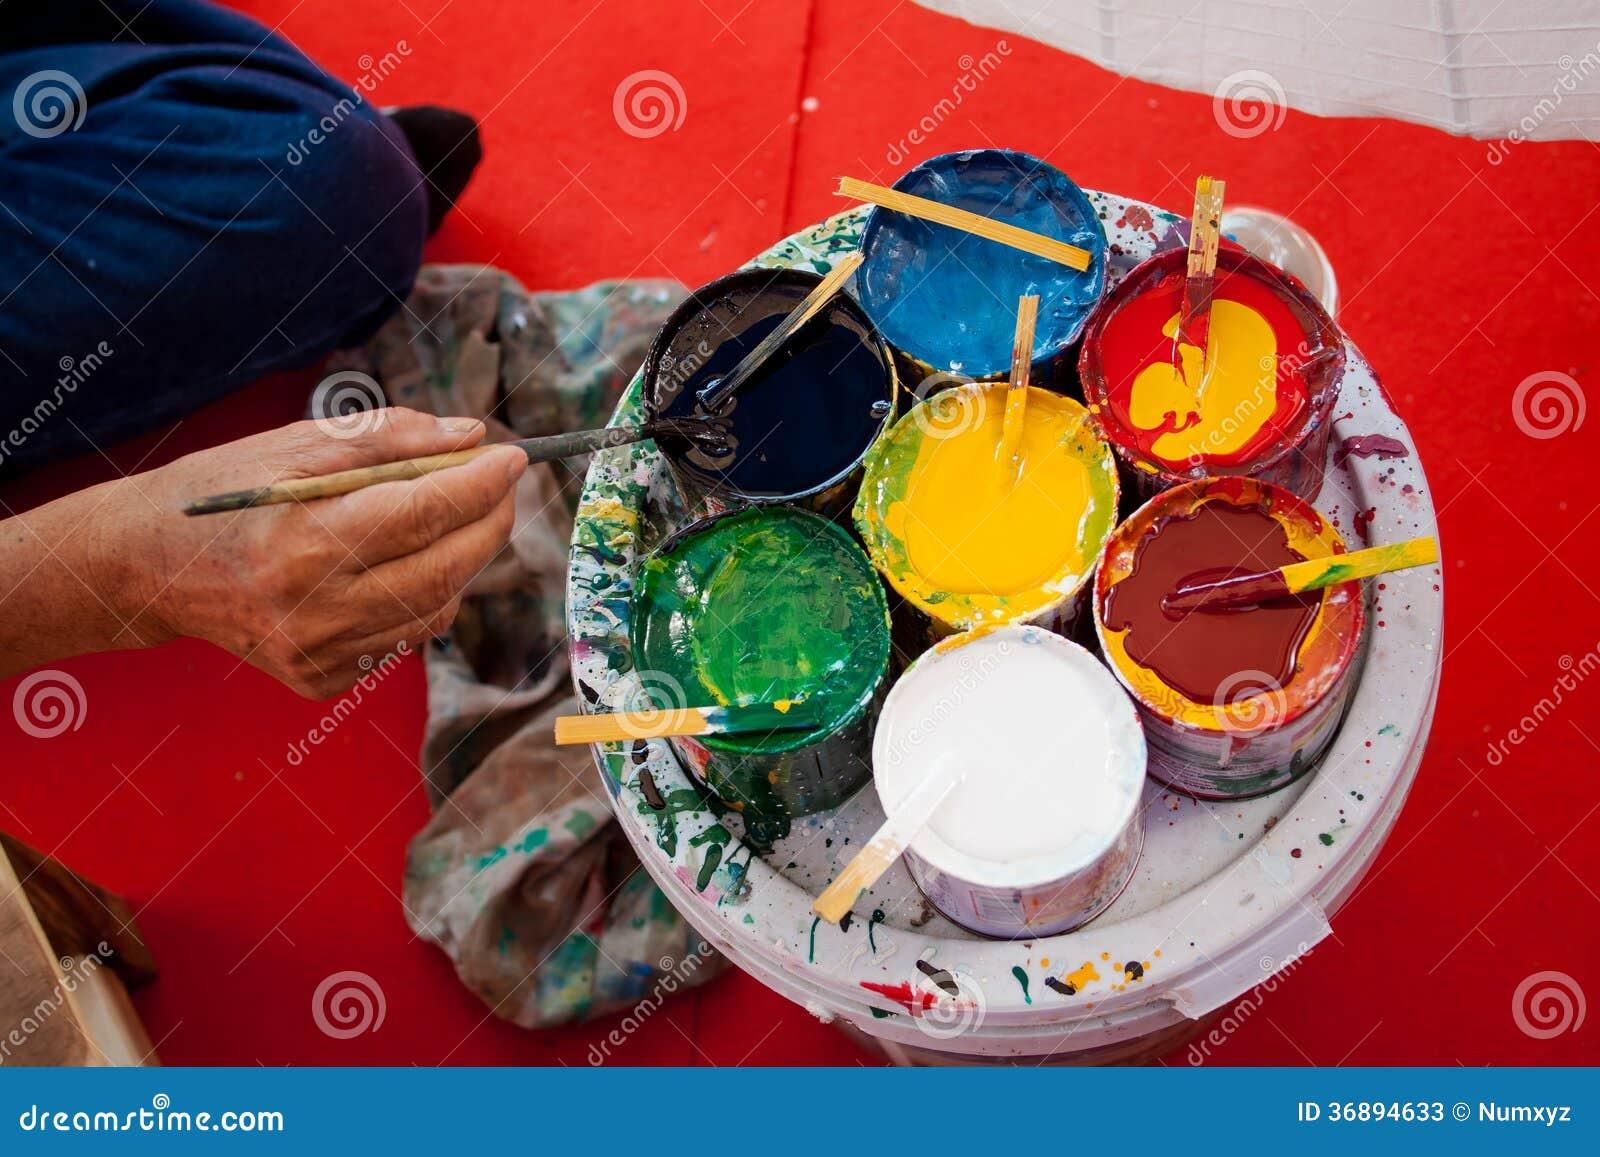 Download La Coloritura Dipinge L'ombrello Fatto Di Carta/di Tessuto. Arti E Immagine Stock - Immagine di coltura, concettuale: 36894633